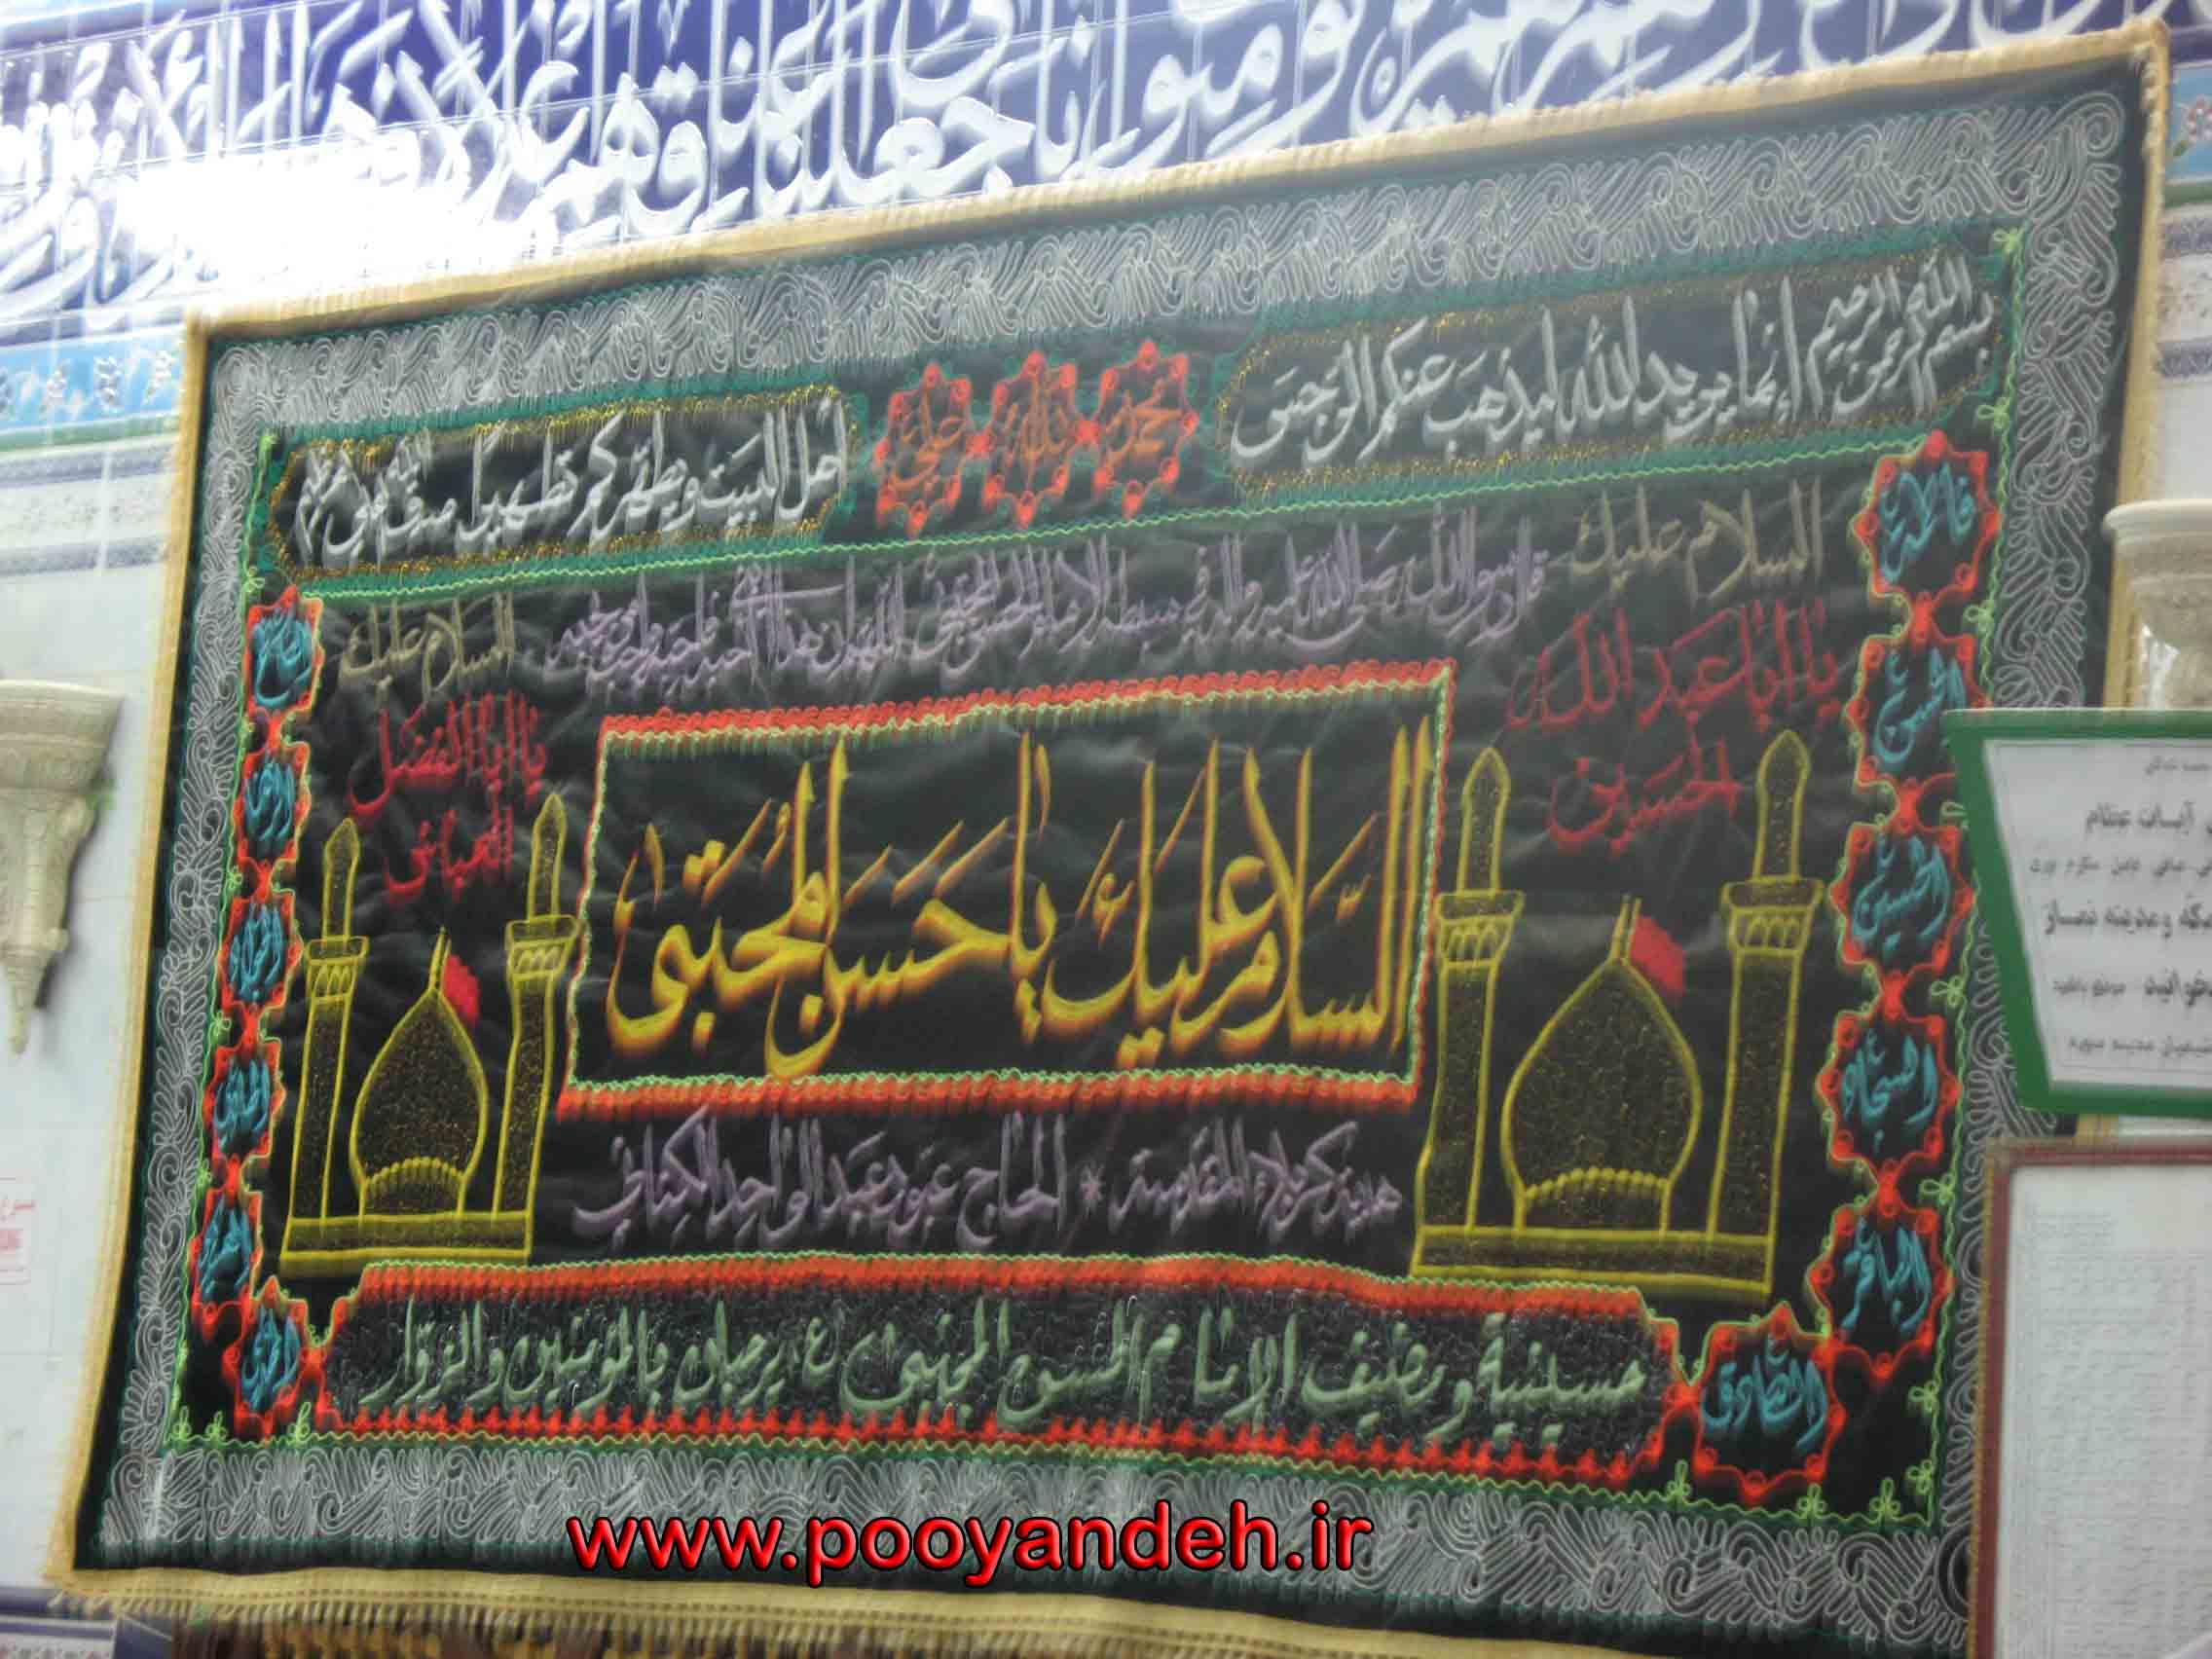 پرچم مسجد امام حسن(ع) (مسجد شیعیان مدینه)